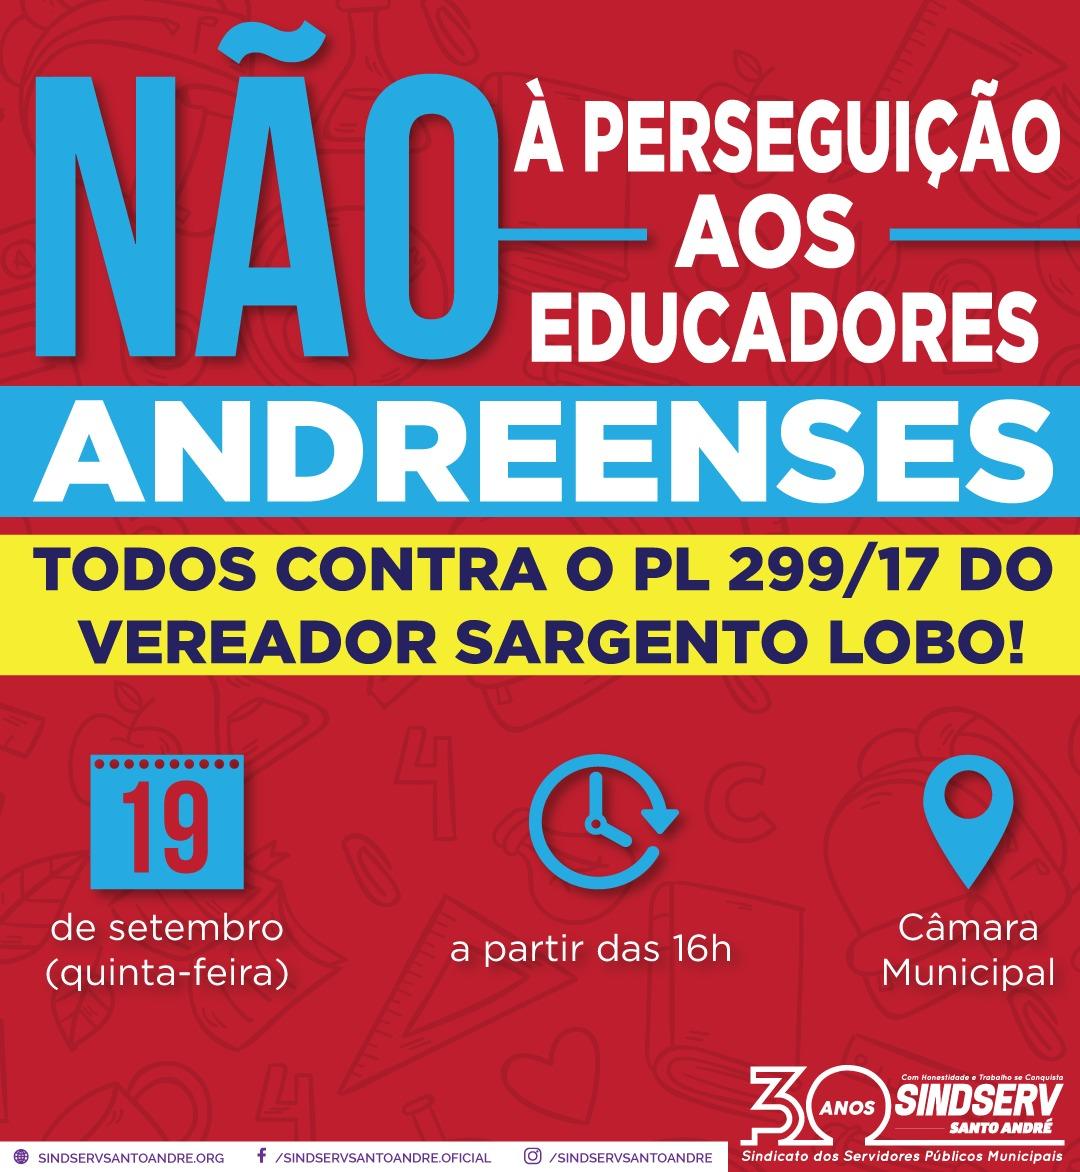 Imagem de Nota de repúdio ao PL de Sargento Lobo reúne mais de 180 assinaturas de professores da rede municipal e UFABC,  pais de alunos e de entidades internacionais de Direitos Humanos